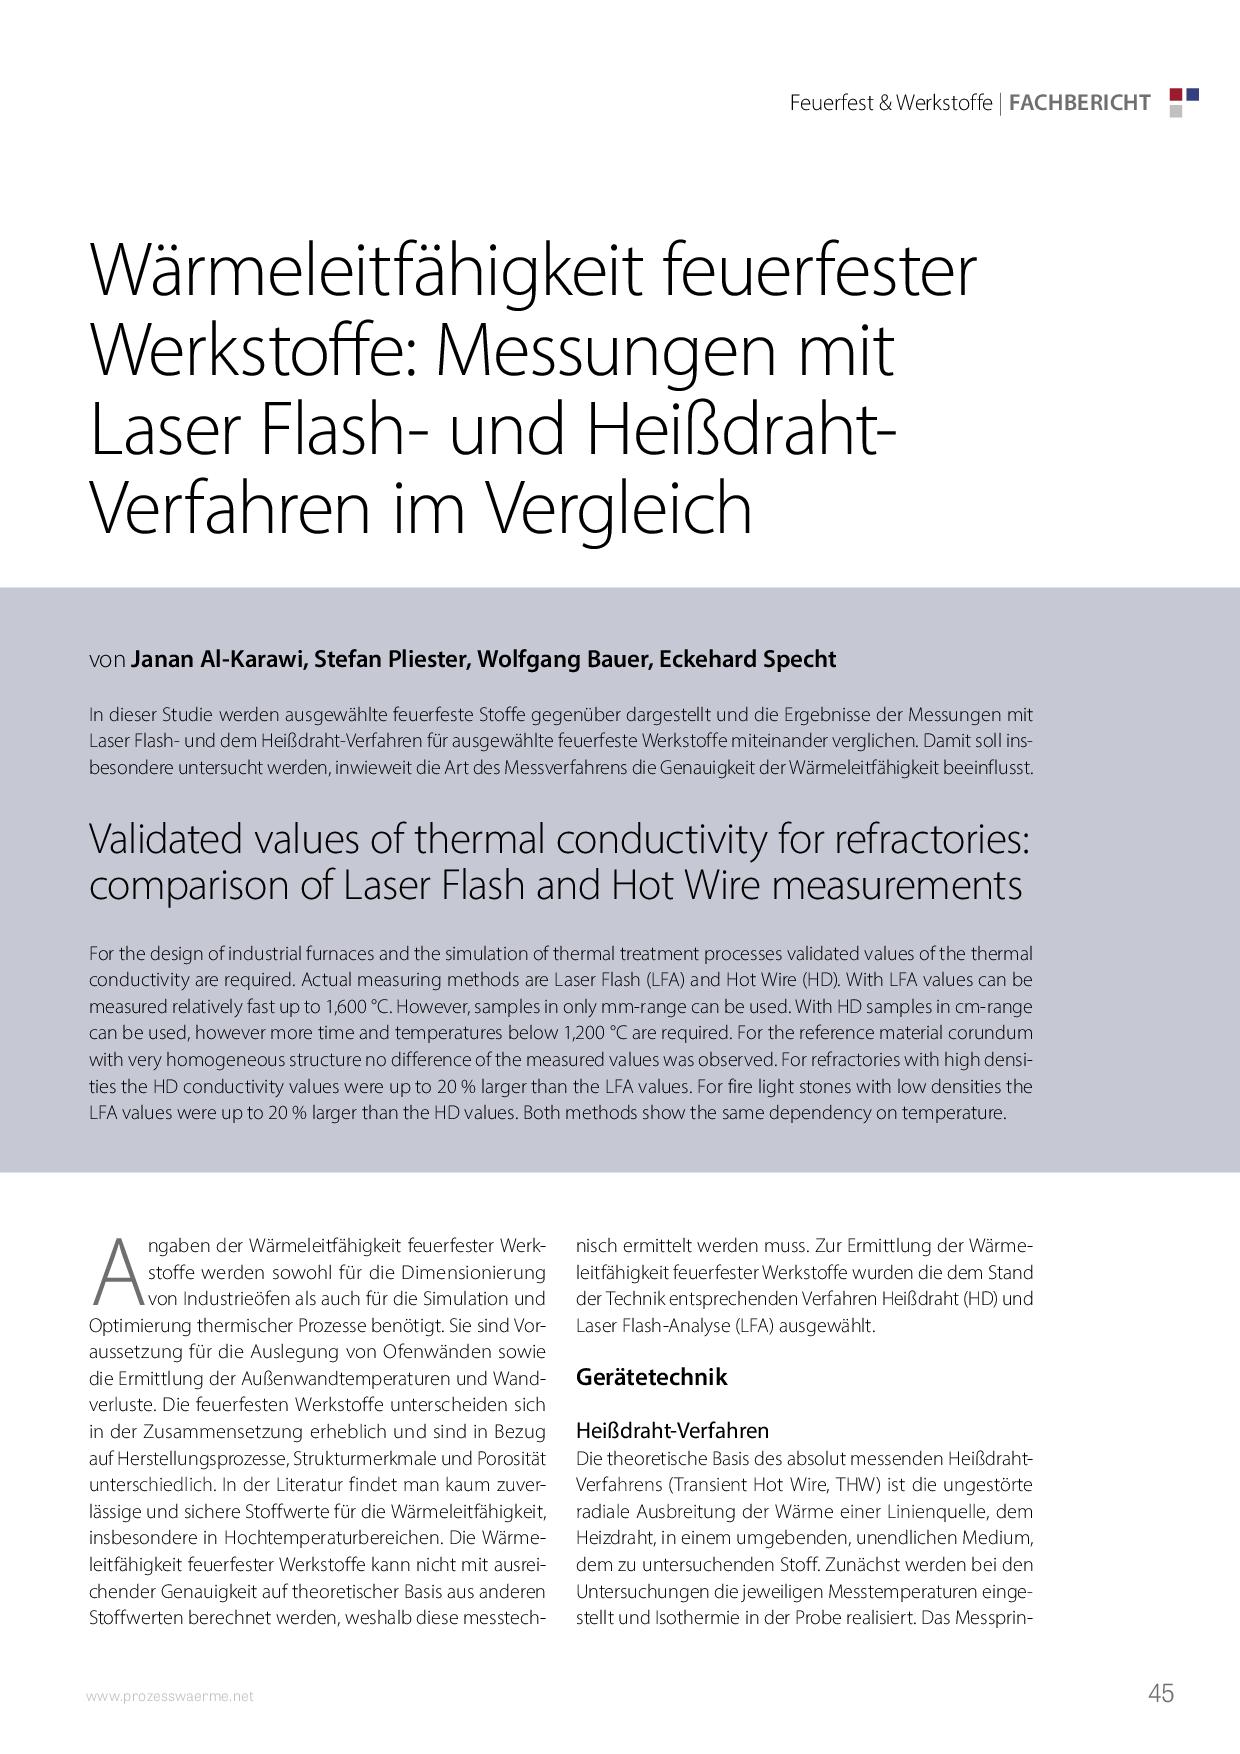 Wärmeleitfähigkeit feuerfester Werkstoffe: Messungen mit Laser Flash- und Heißdraht-Verfahren im Vergleich